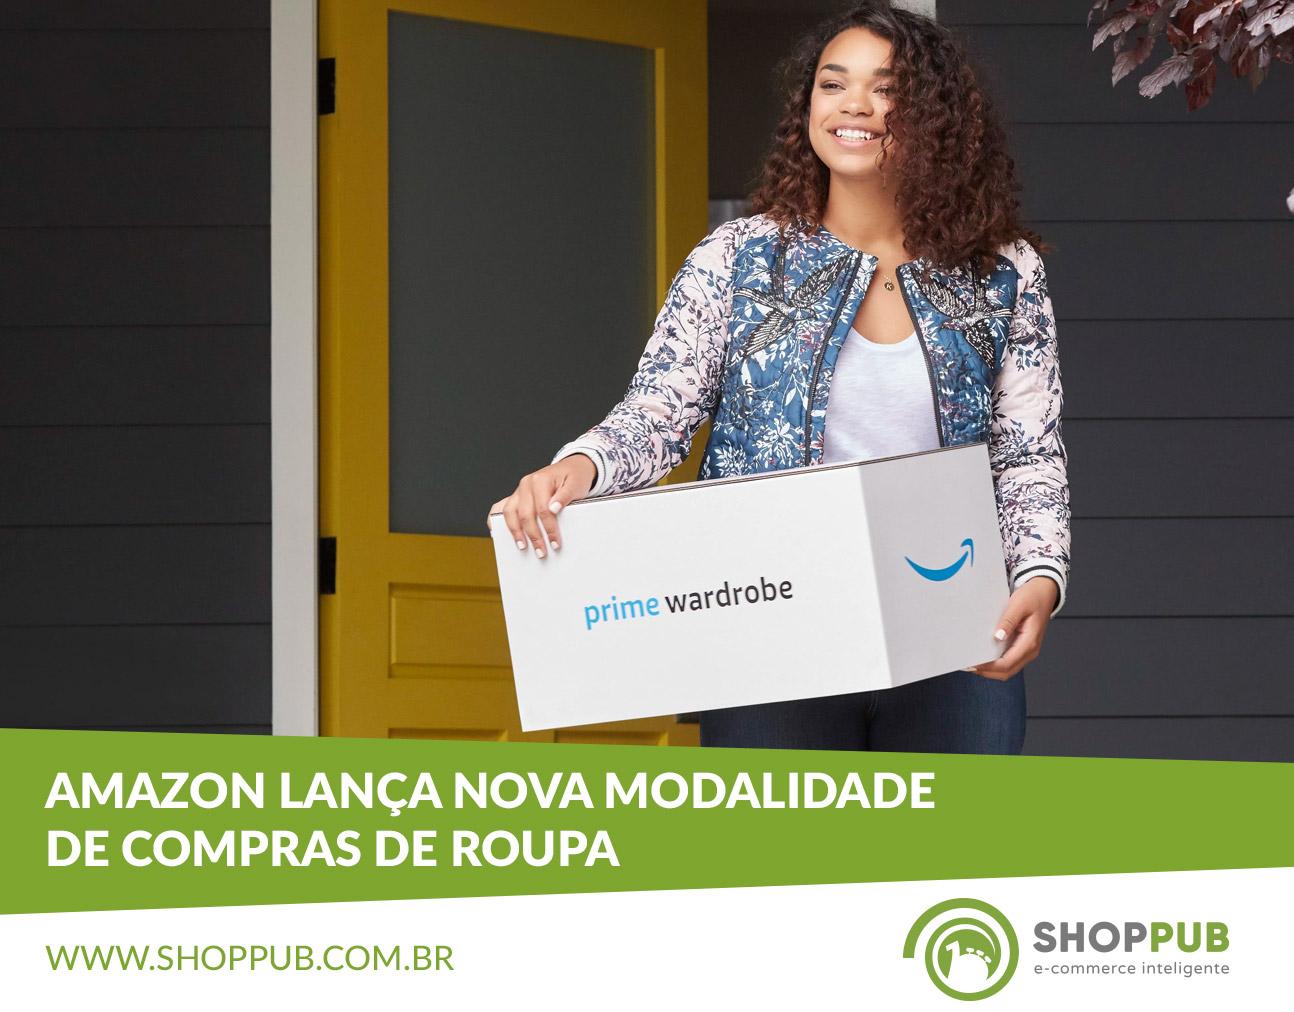 Amazon lança nova modalidade de compras de roupa